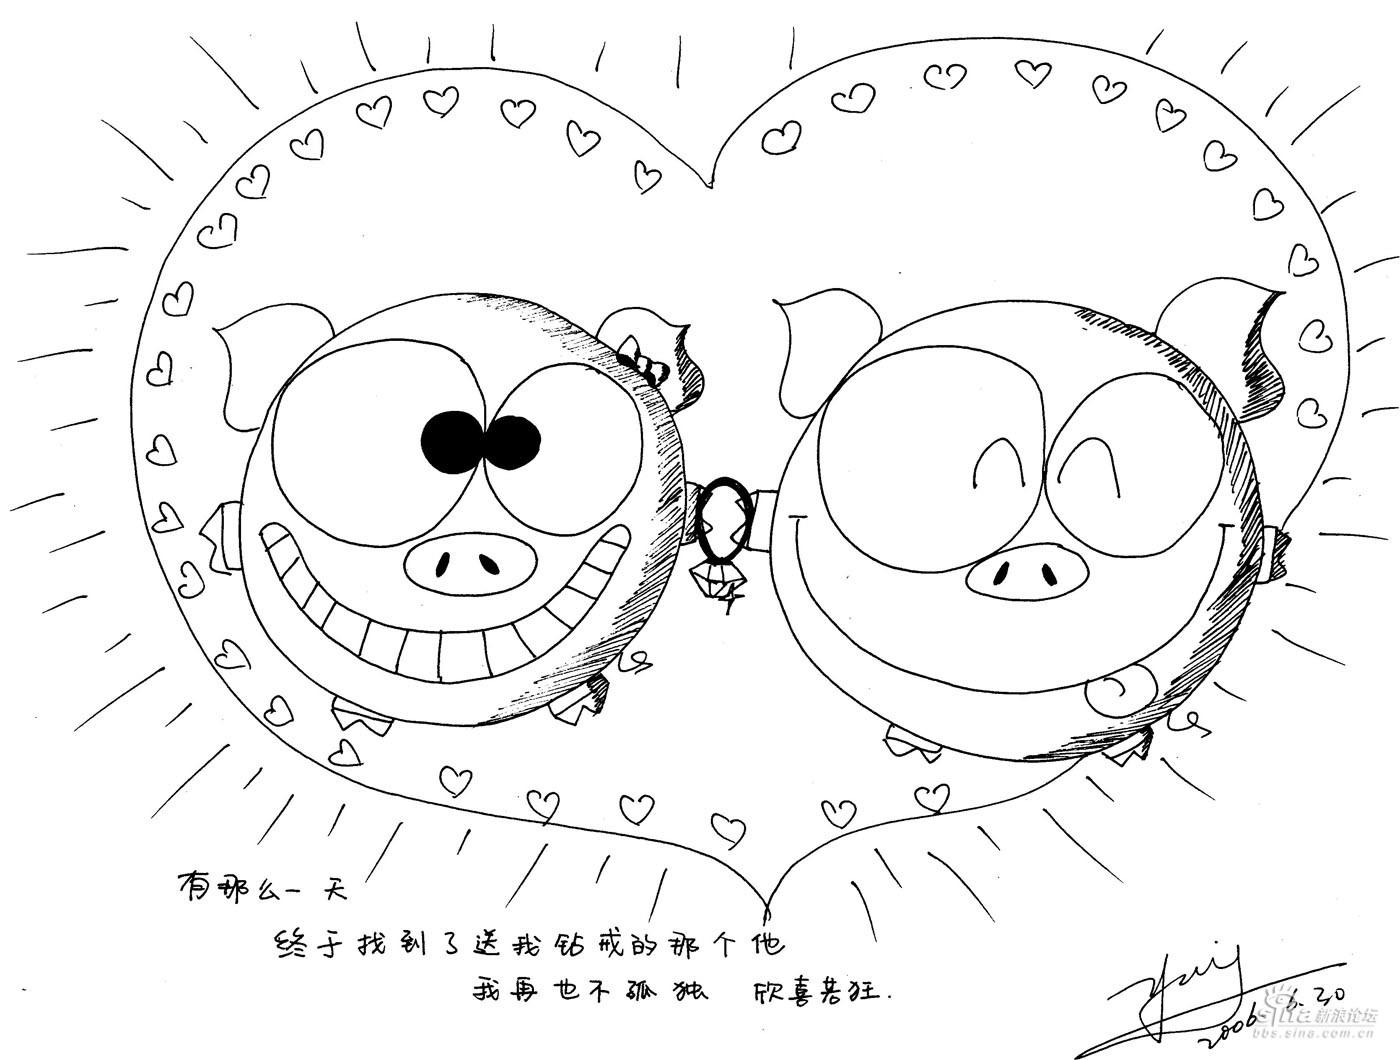 原创:福吉小猪(黑白手绘版) 之公主的泪4